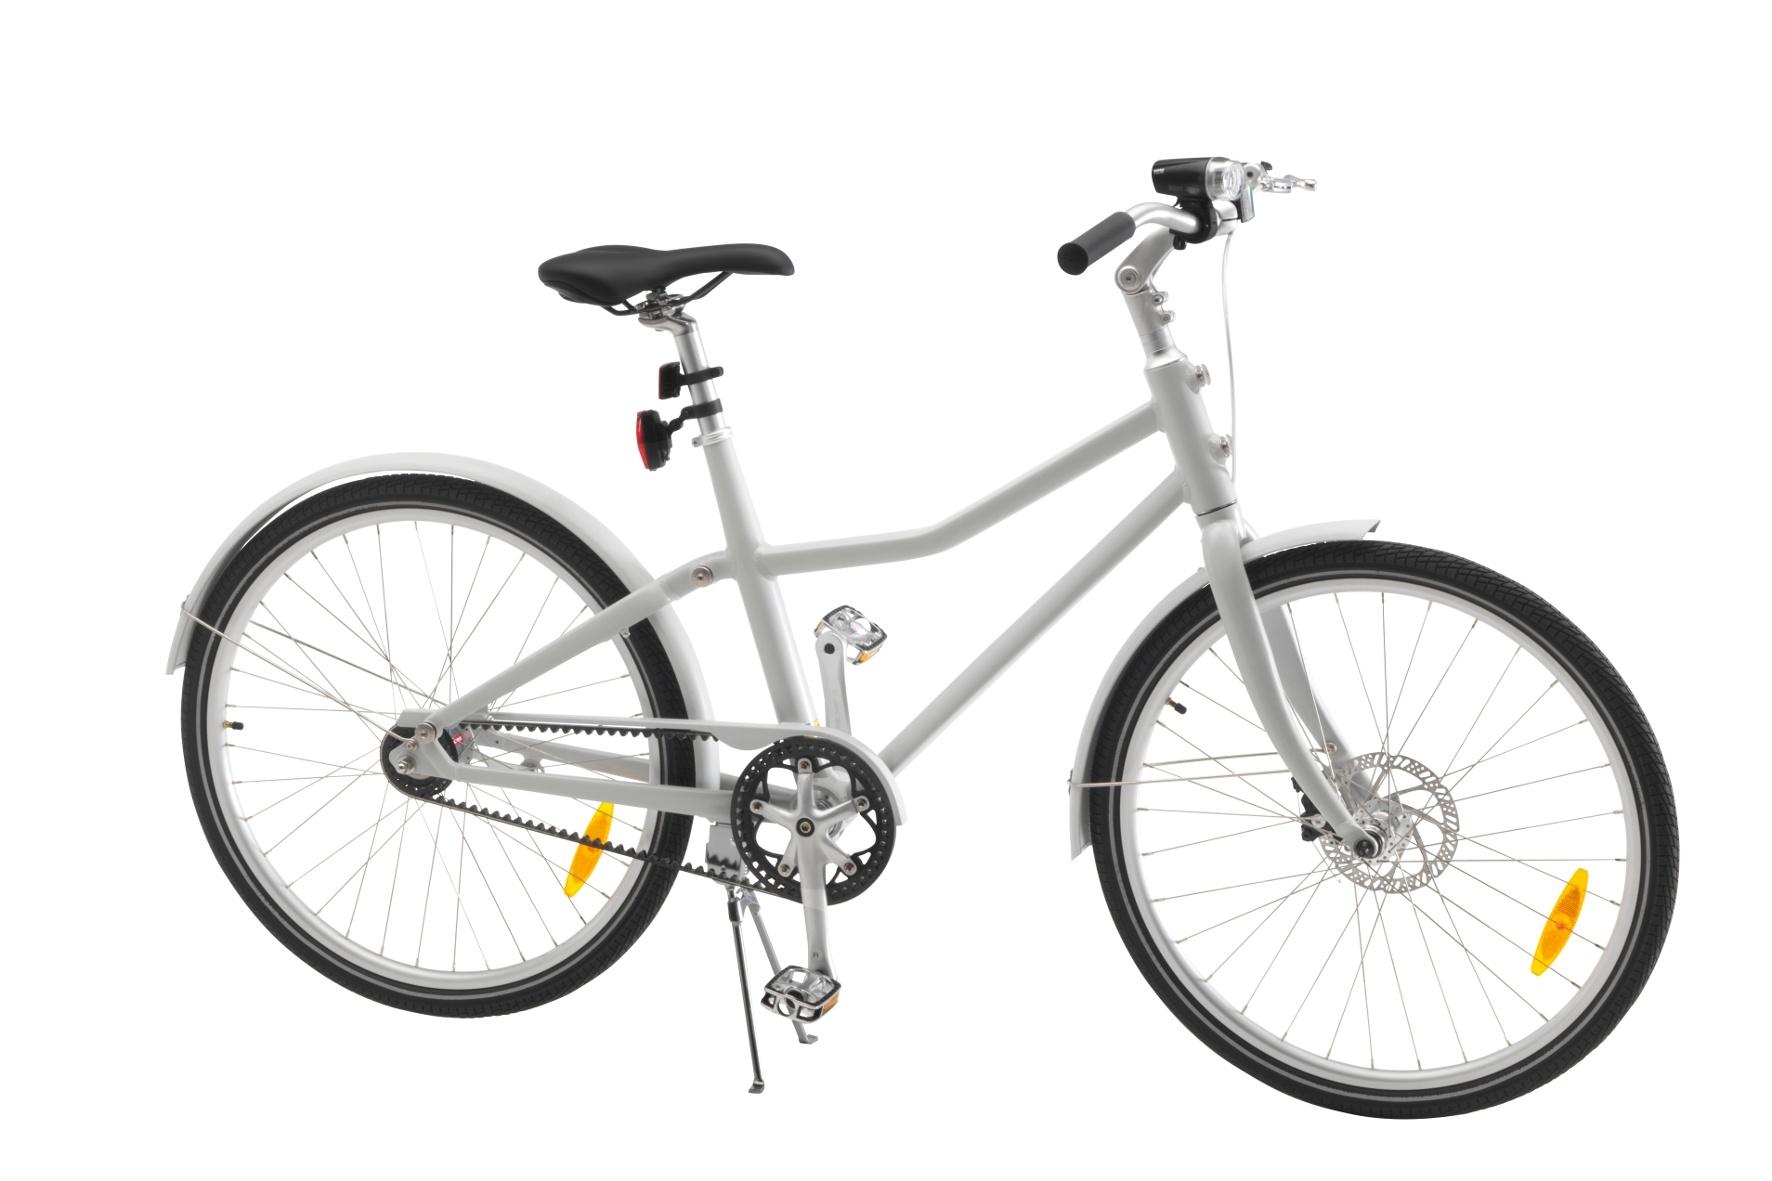 Das Fahren mit dem E-Bike braucht Übung